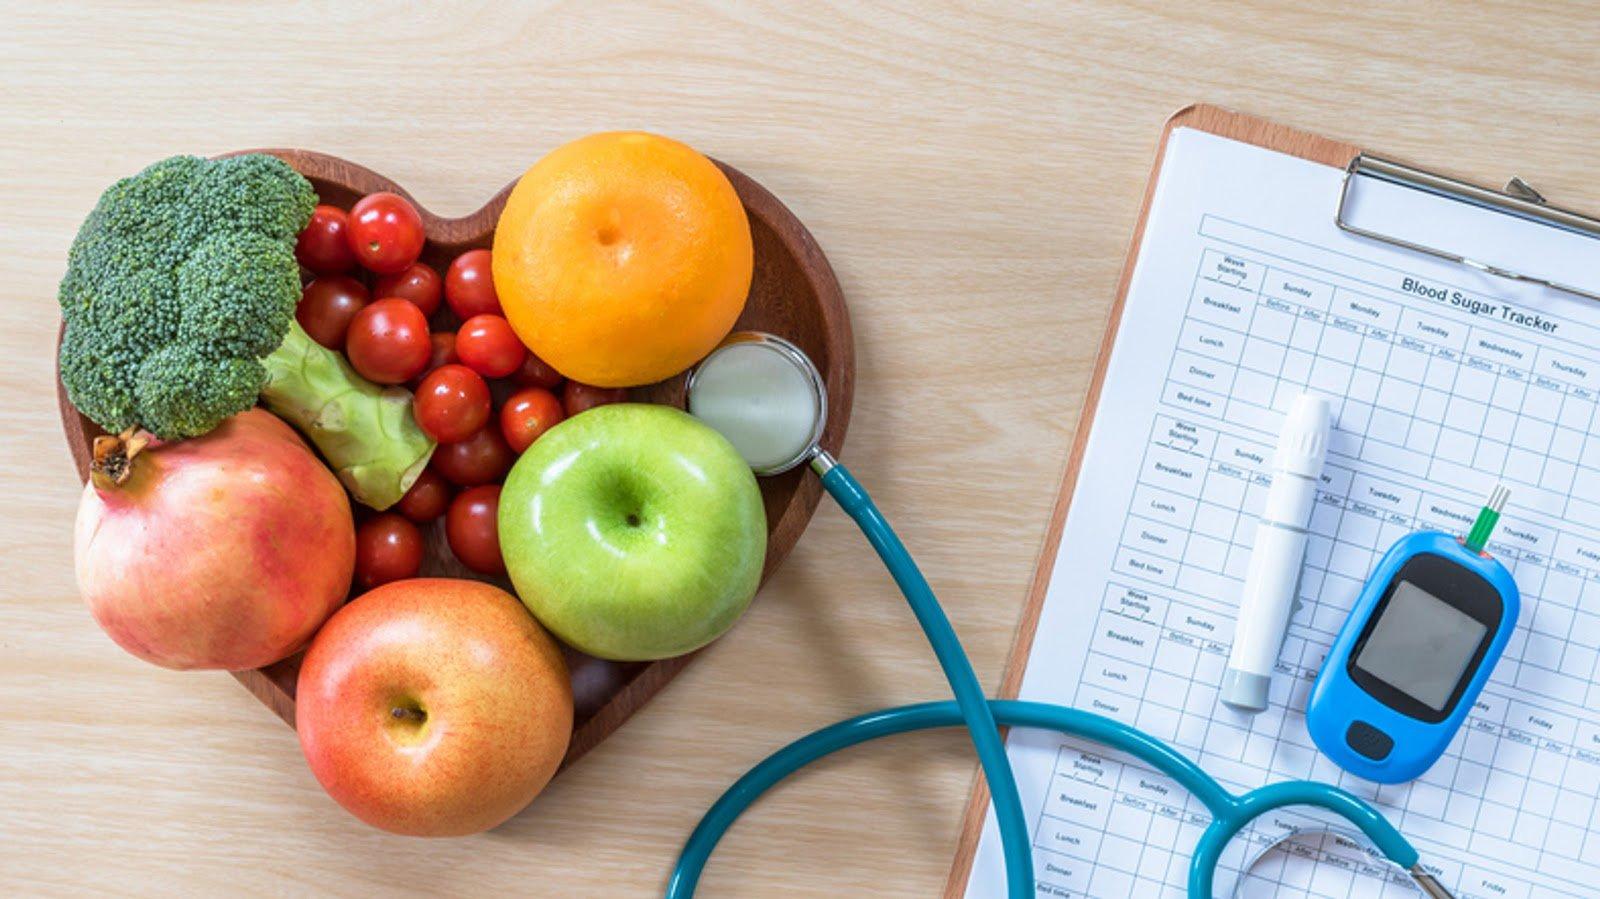 Vì tăng cholesterol khi bị bệnh đái tháo đường? - ảnh 1